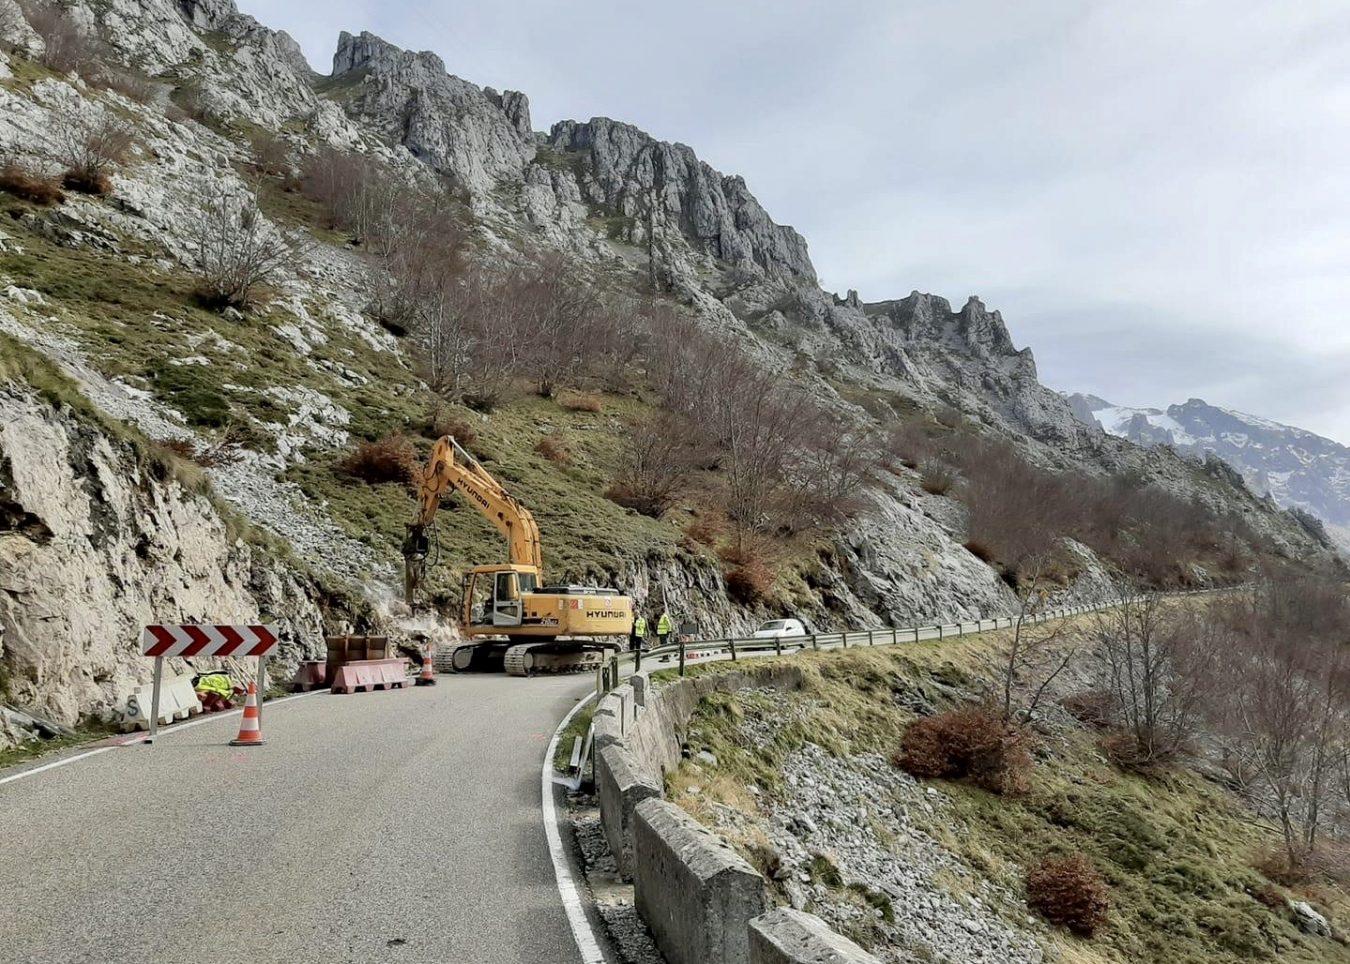 A partir del lunes 8 de junio habrá cortes intermitentes en la carretera de Sotres (Cabrales)